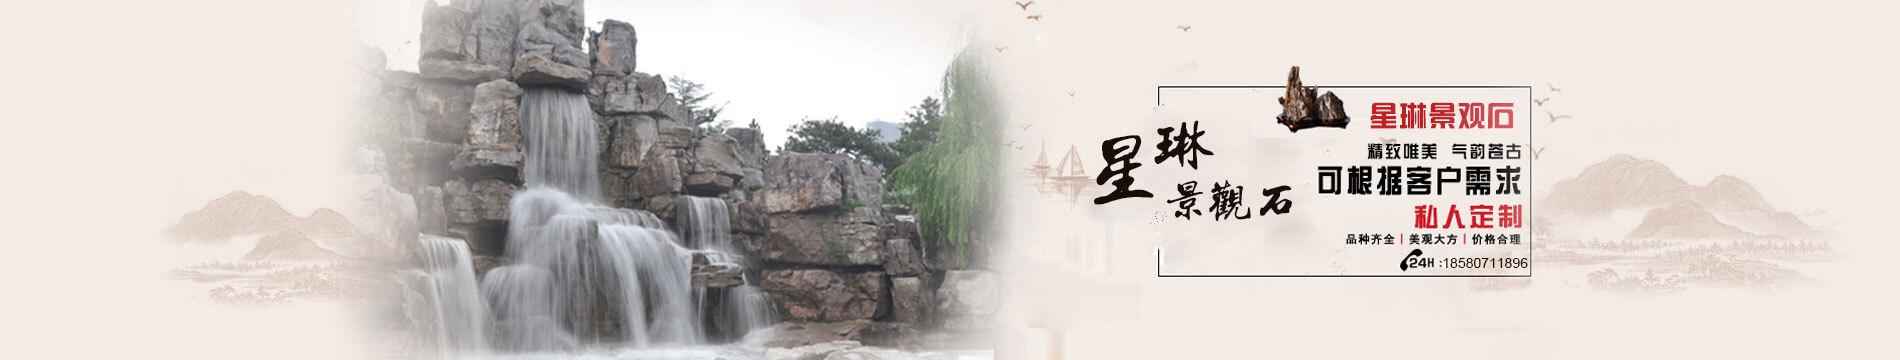 泰山石切片_晚霞红景观石_重庆卖景观石的地方_重庆星琳景观石材有限公司